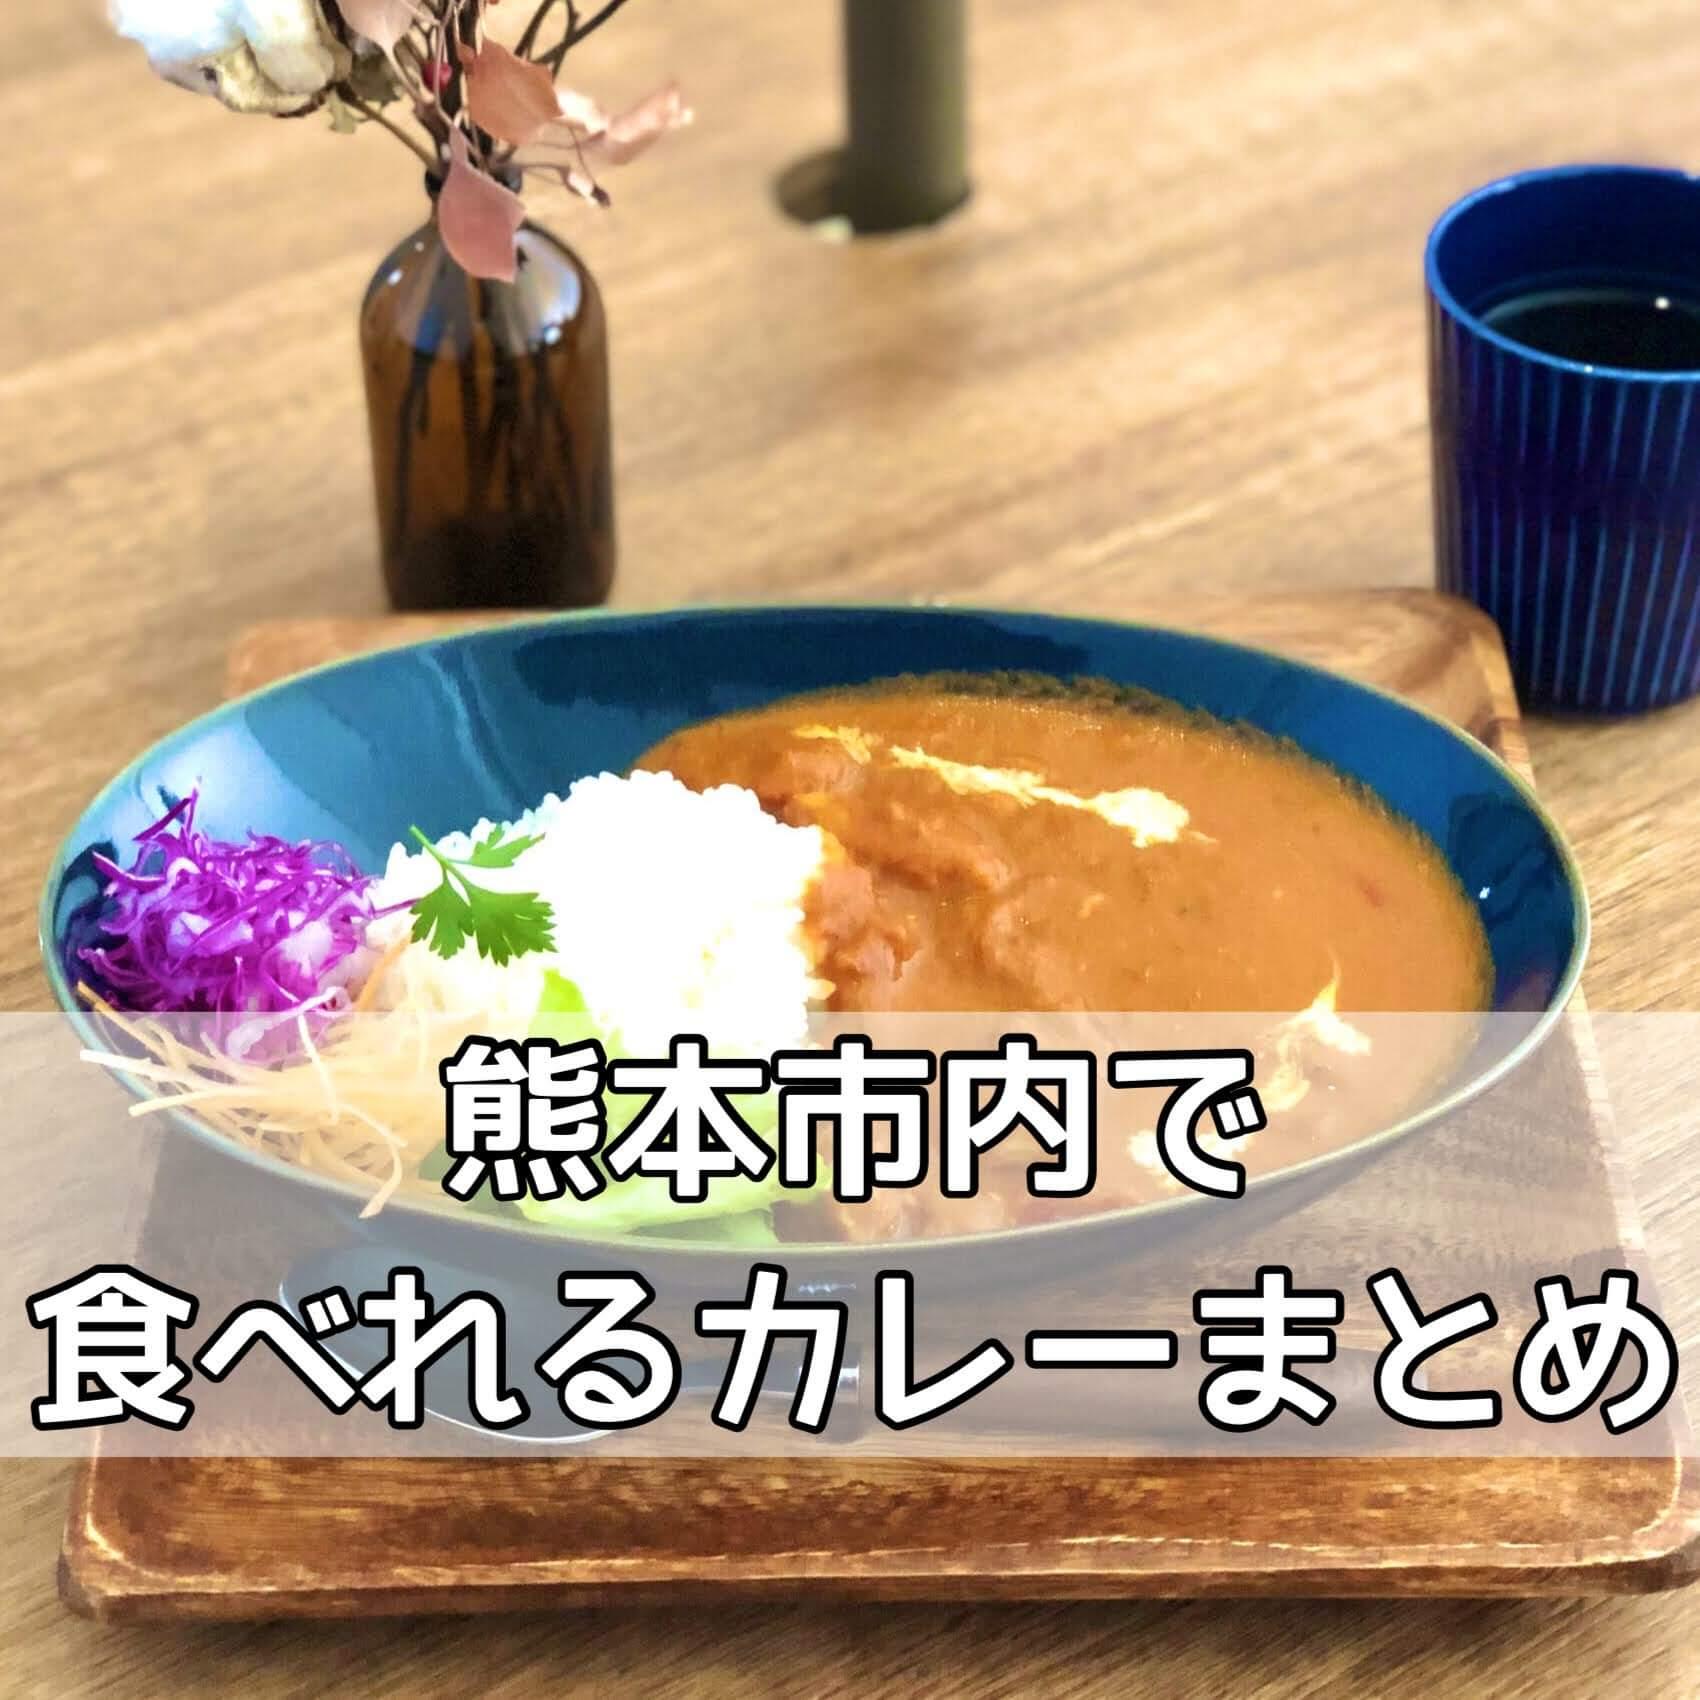 【6/22 更新】熊本市内でカレーが食べれるお店まとめ